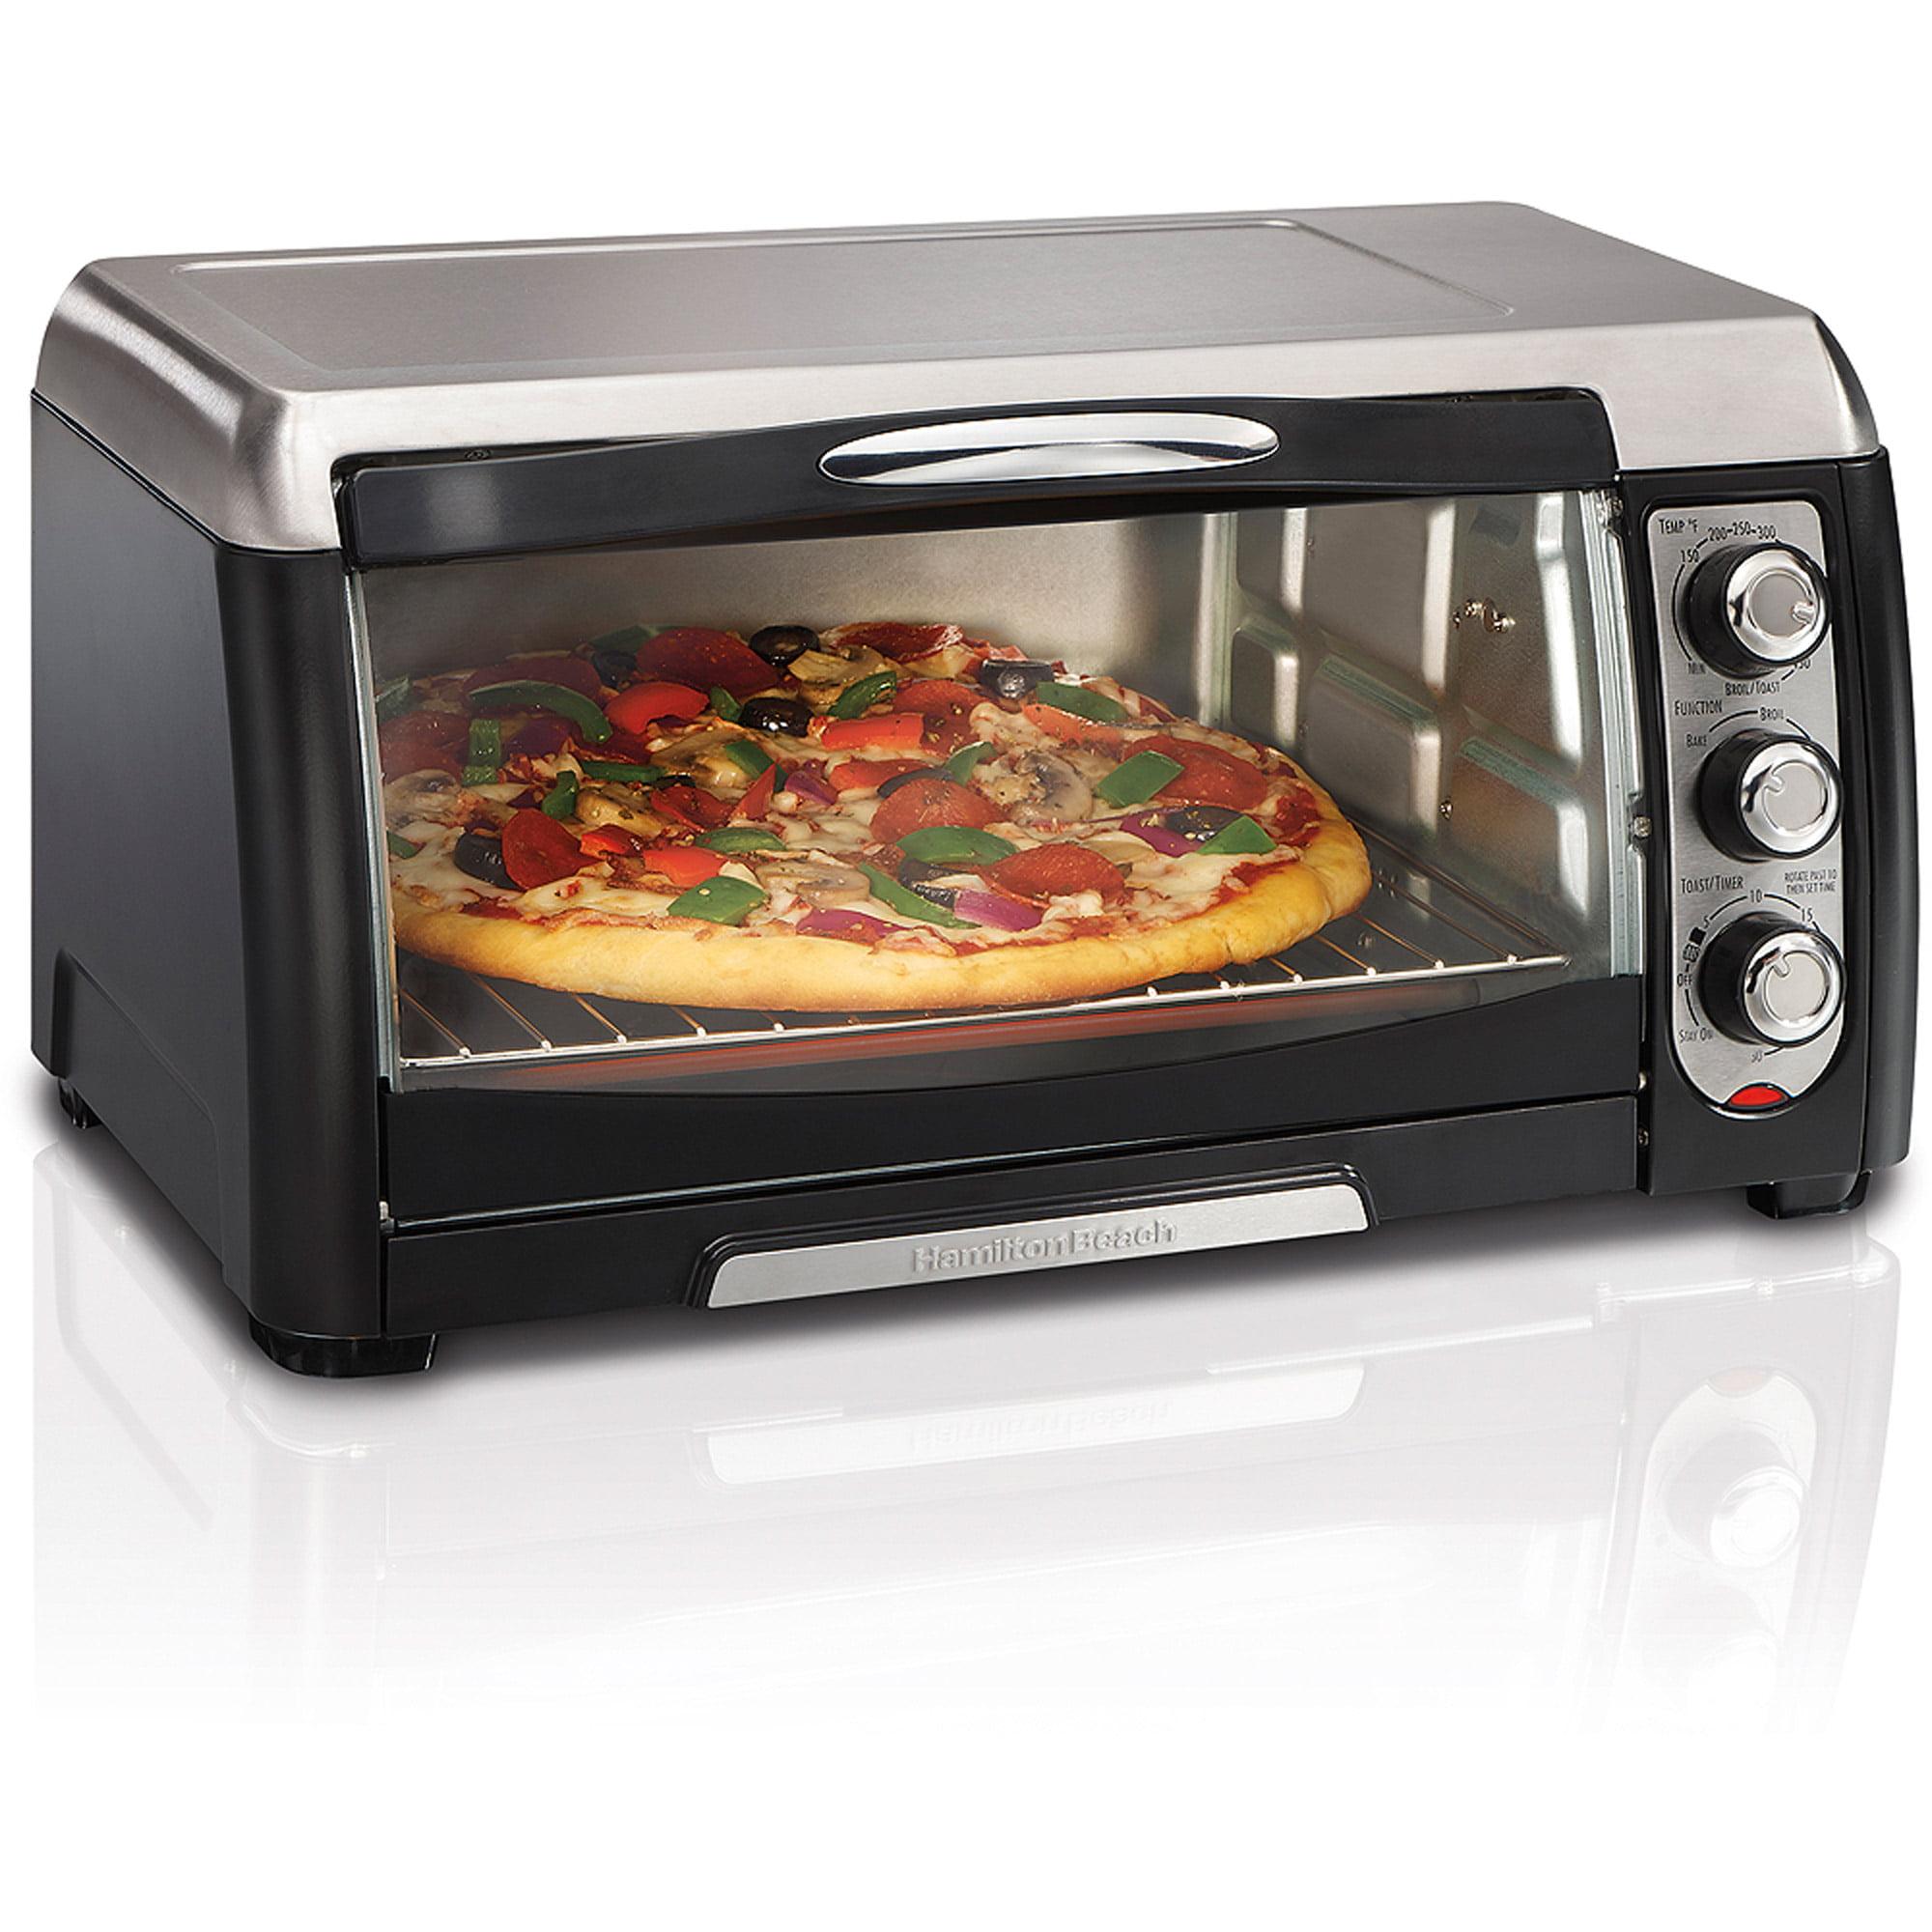 Hamilton Beach 6 Slice Capacity Toaster Oven | Model# 31330